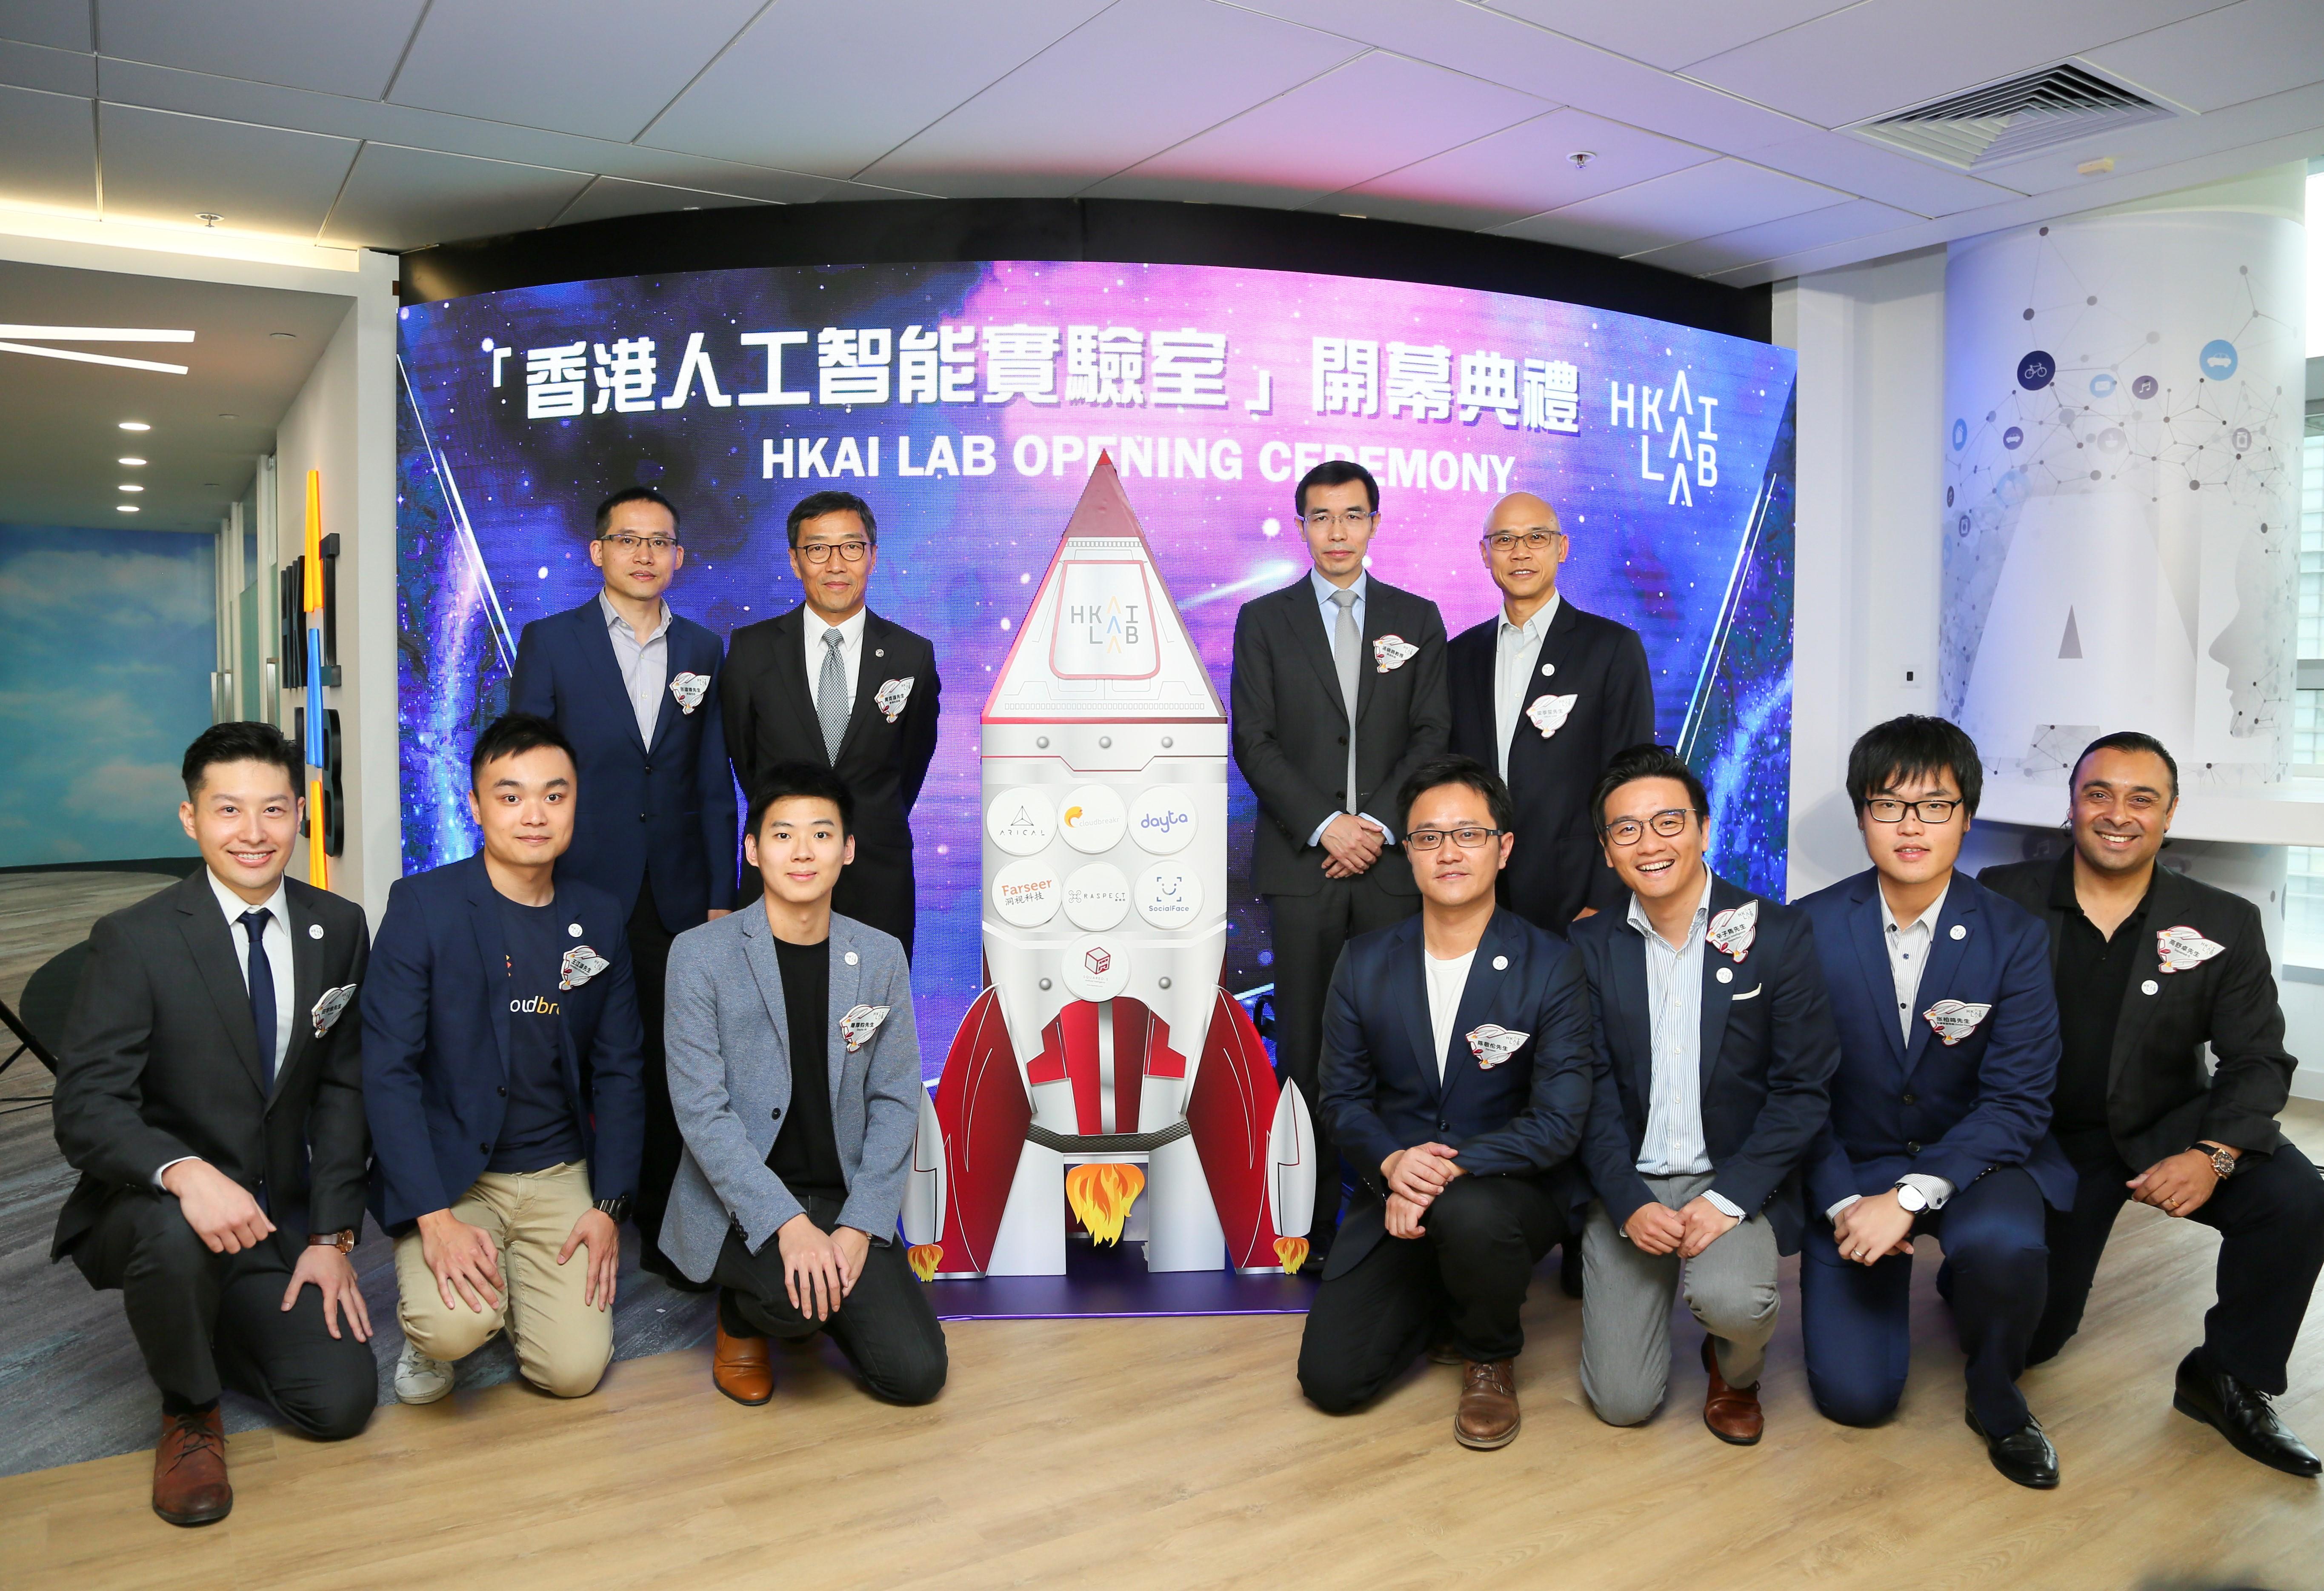 HKAI Lab 香港人工智能及數據實驗室